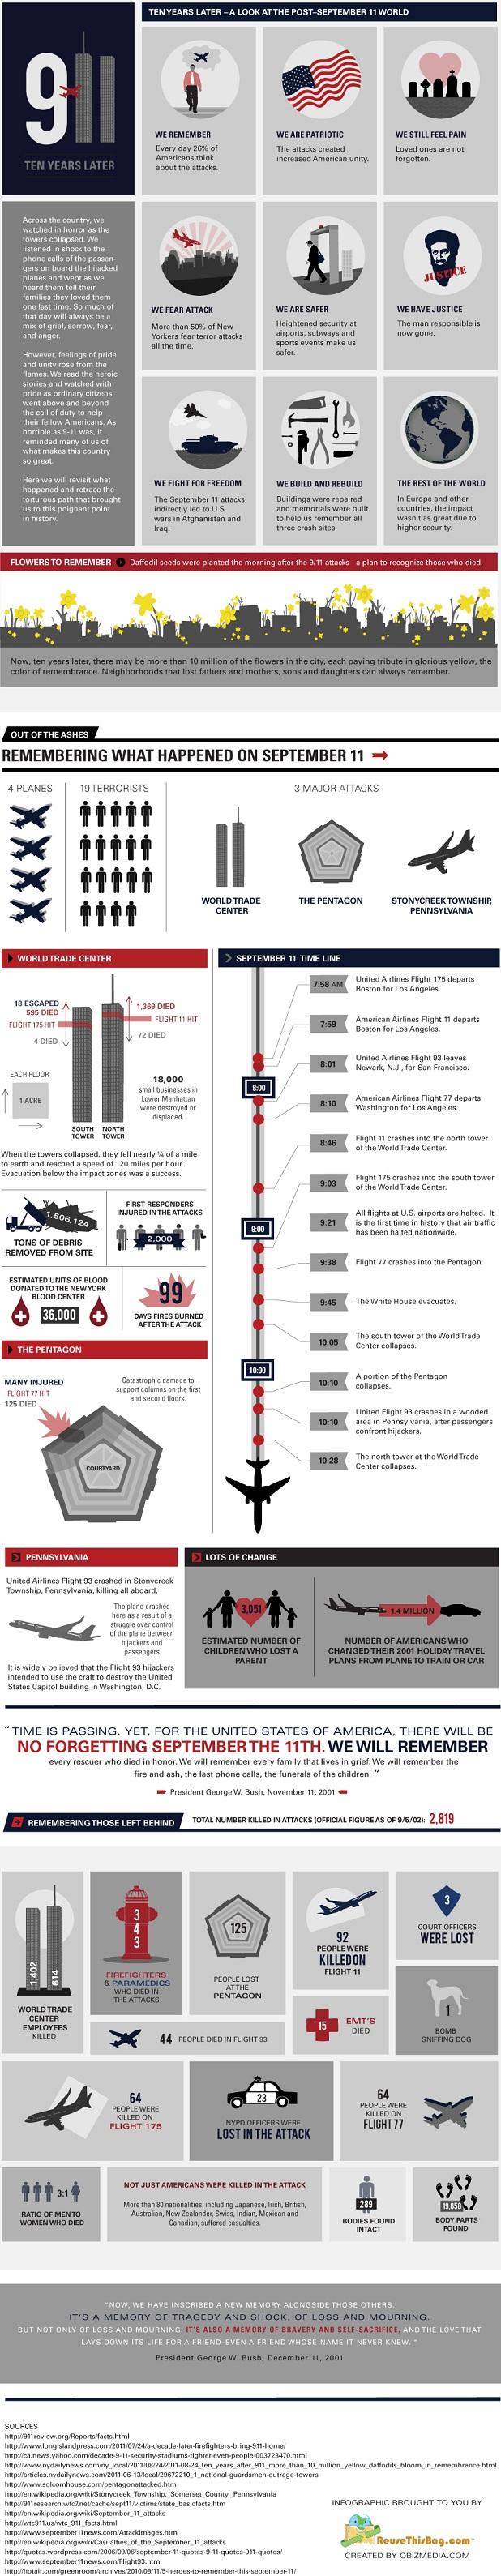 9/11 Infographic